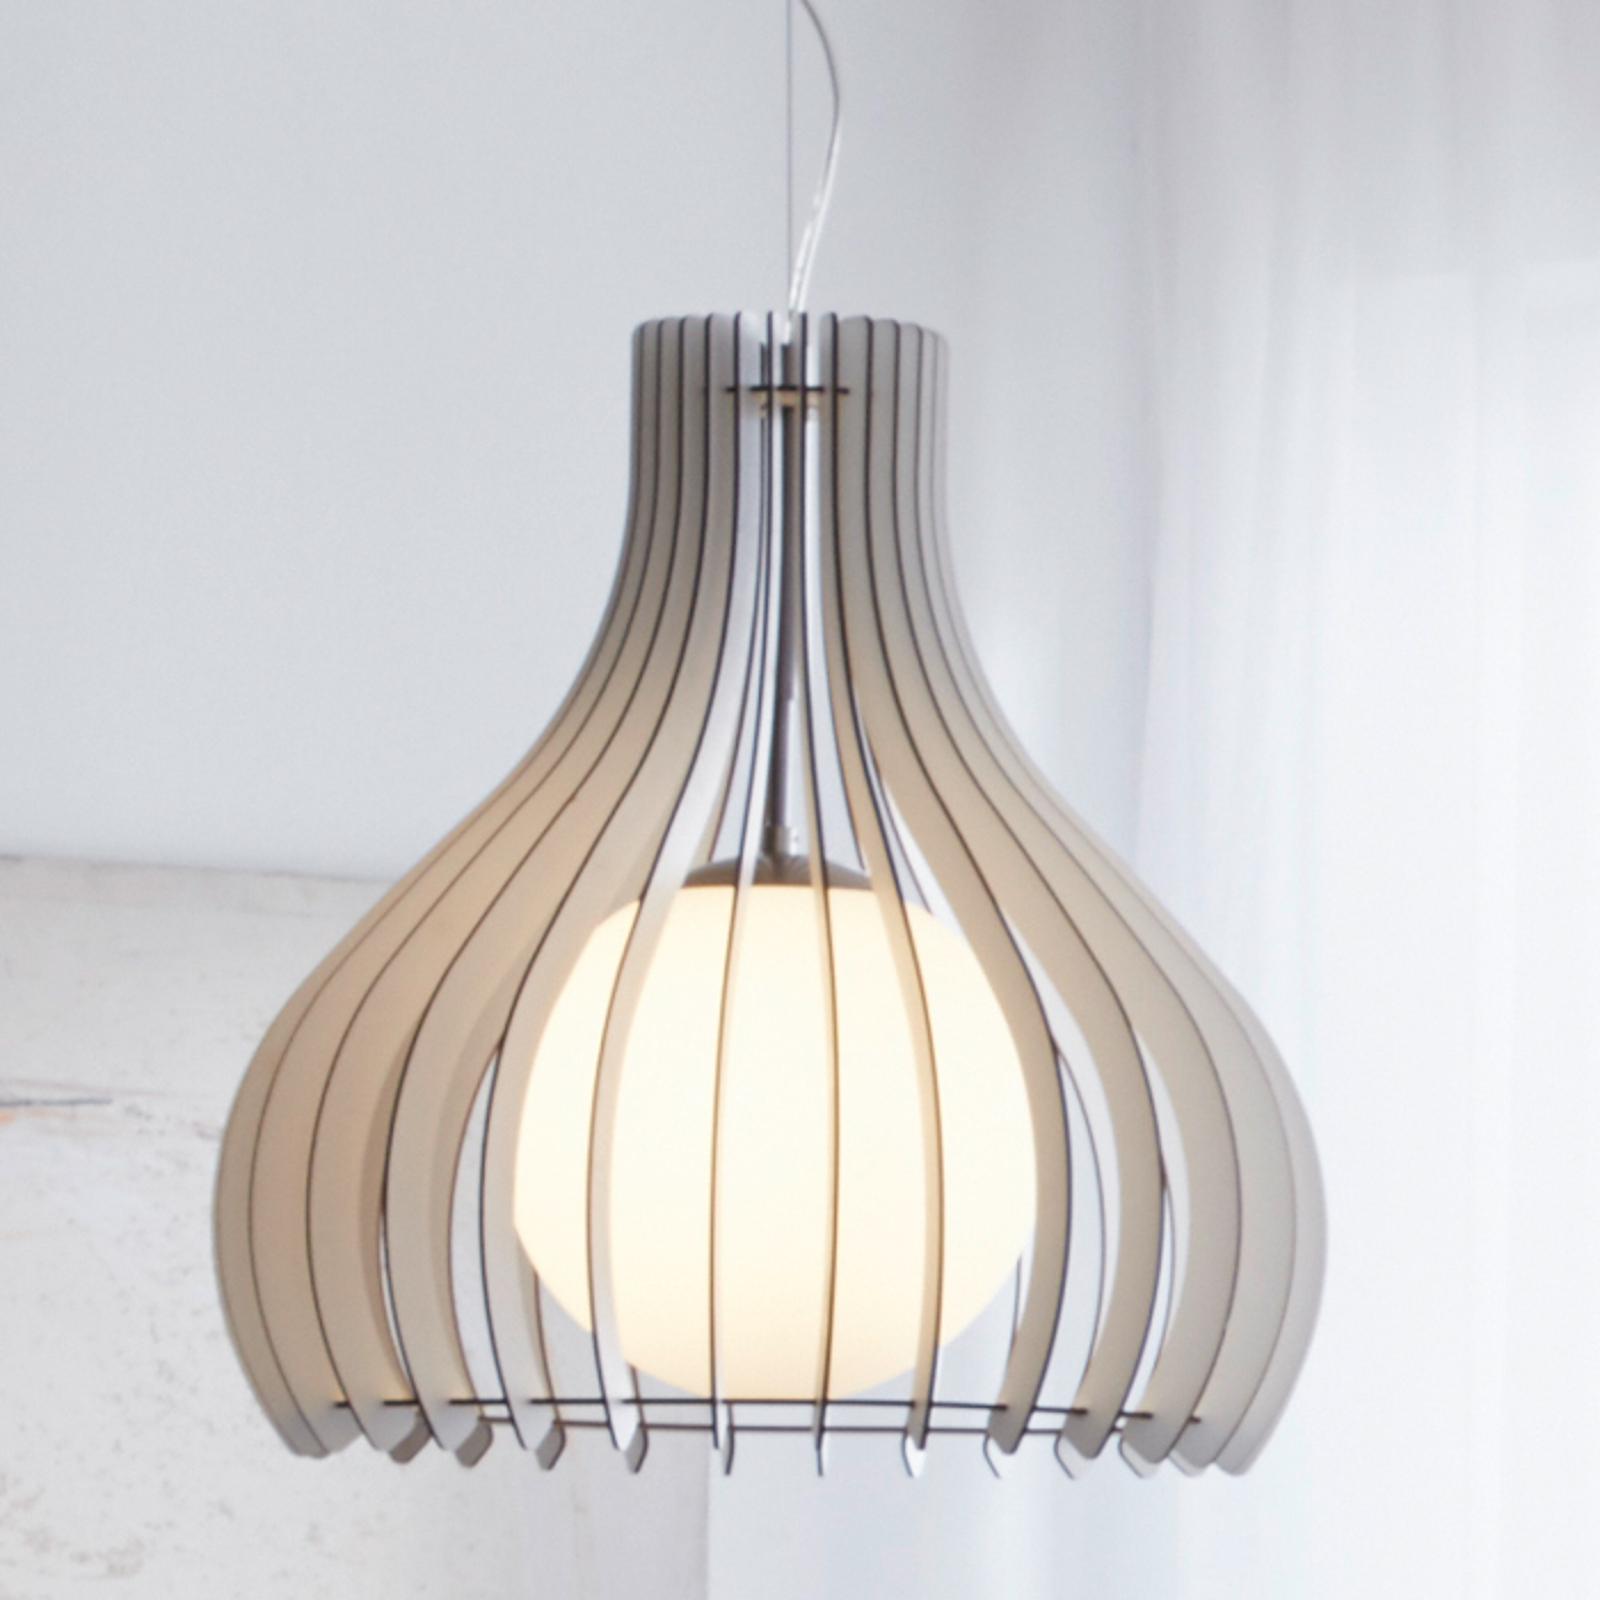 Meravigliosa lampada a sosp. Tindori lamelle legno